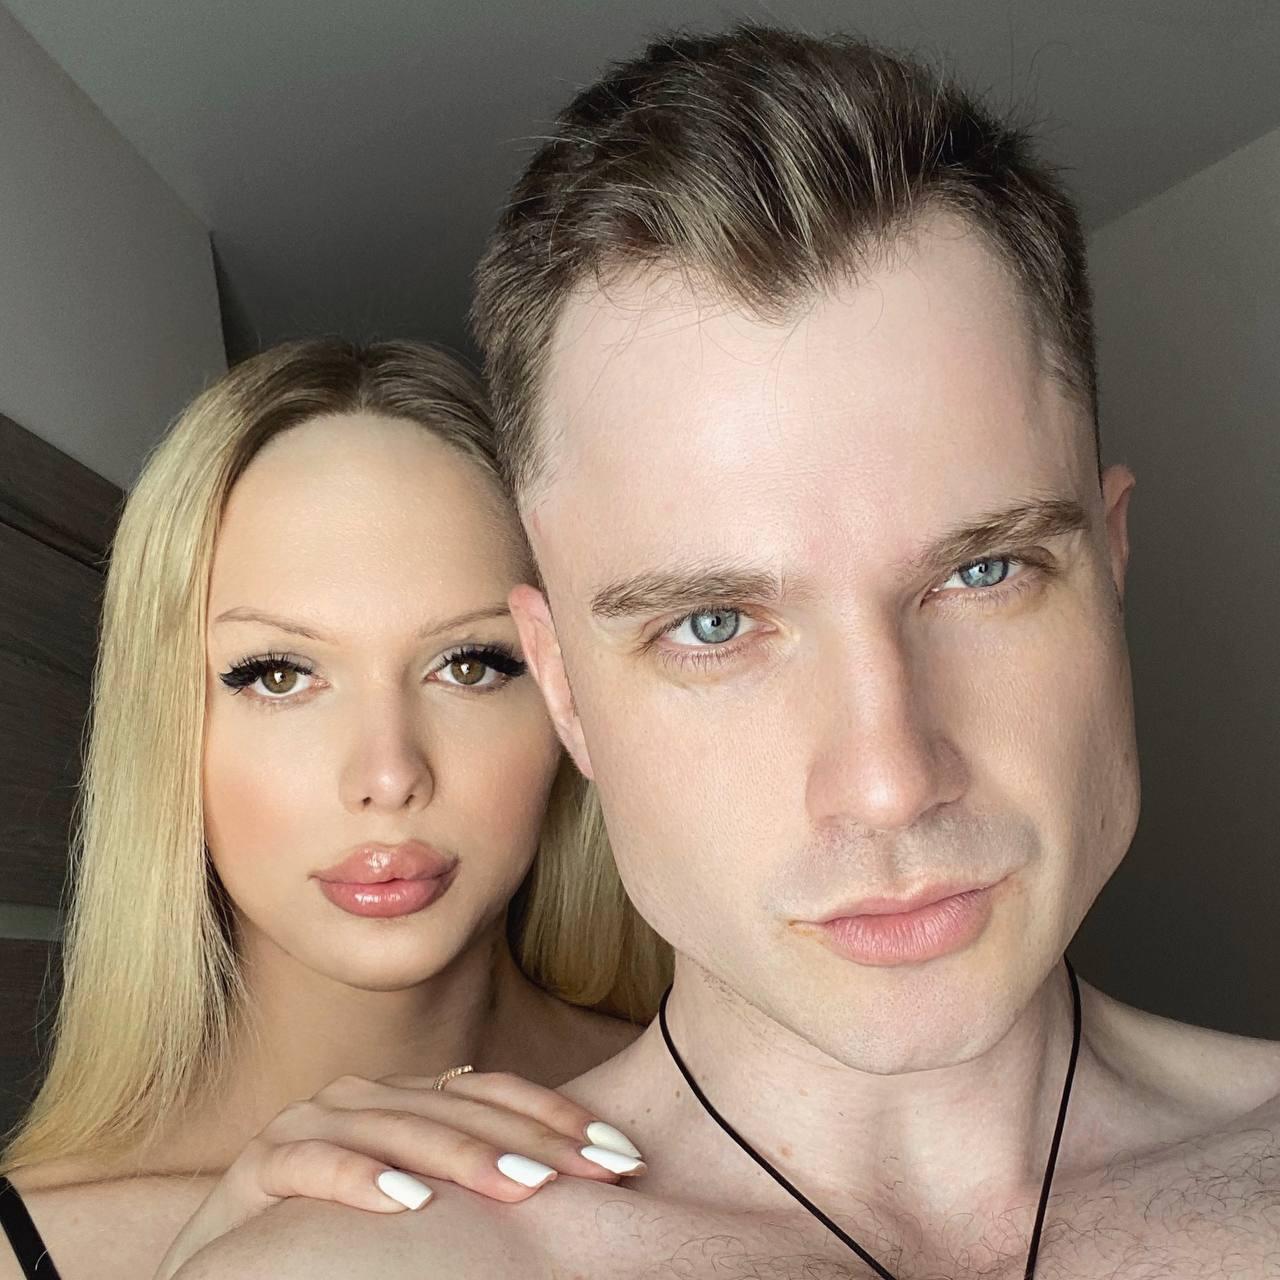 Fairy couple?s=w8skwynxyailrdotuooqspdn5k6je7lu93y2dkiendo=